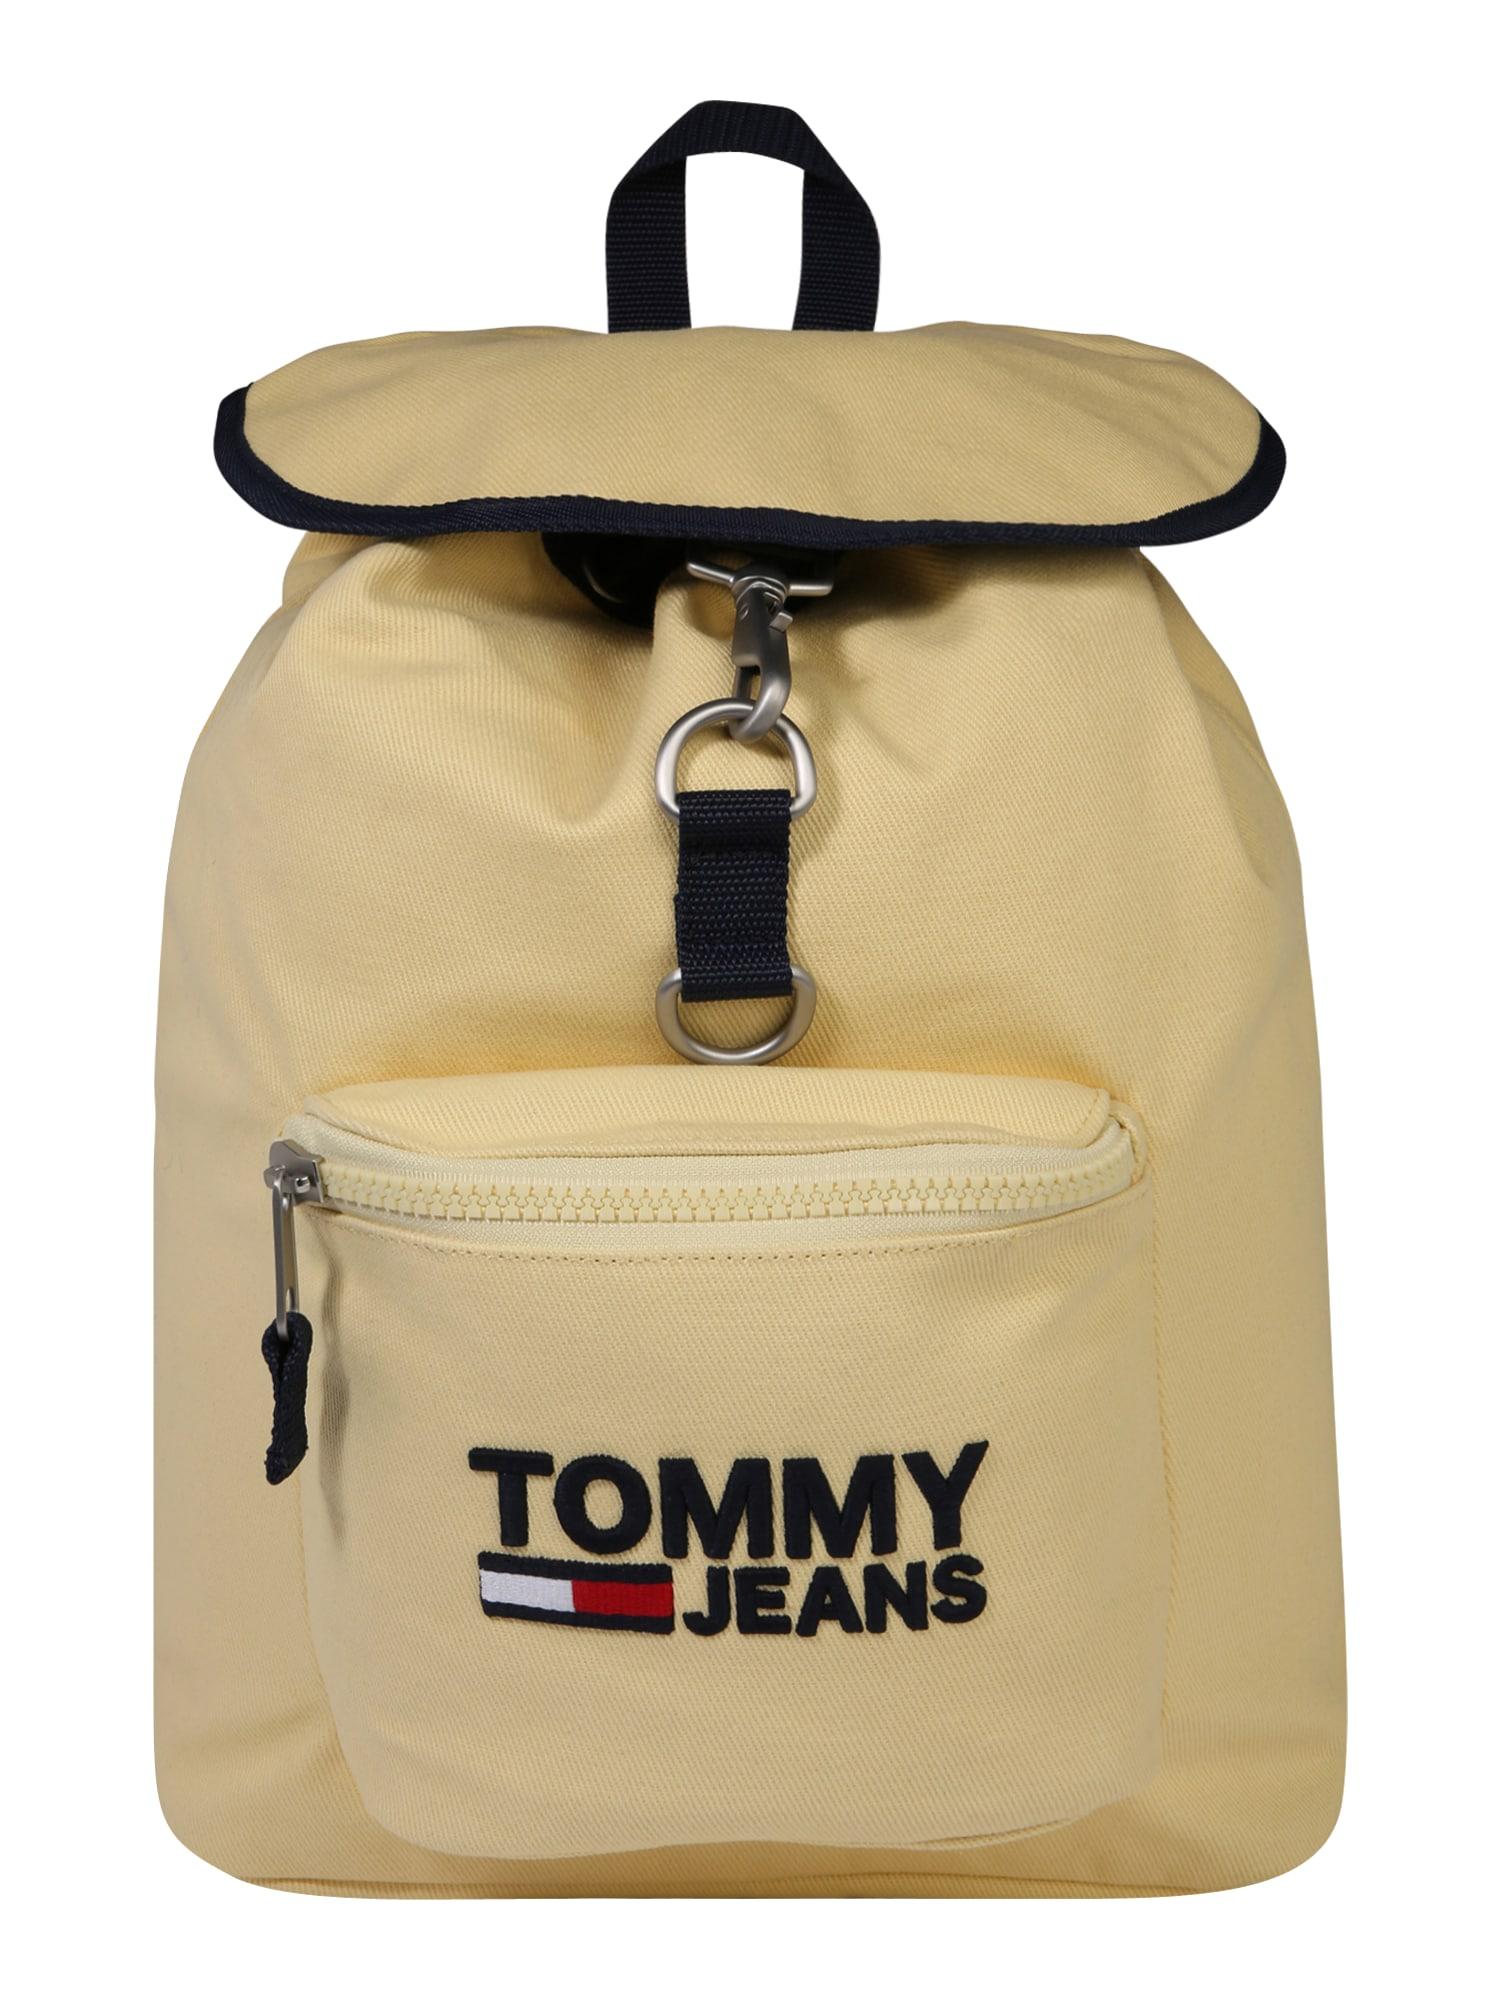 Batoh TJW Heritage světle žlutá černá Tommy Jeans